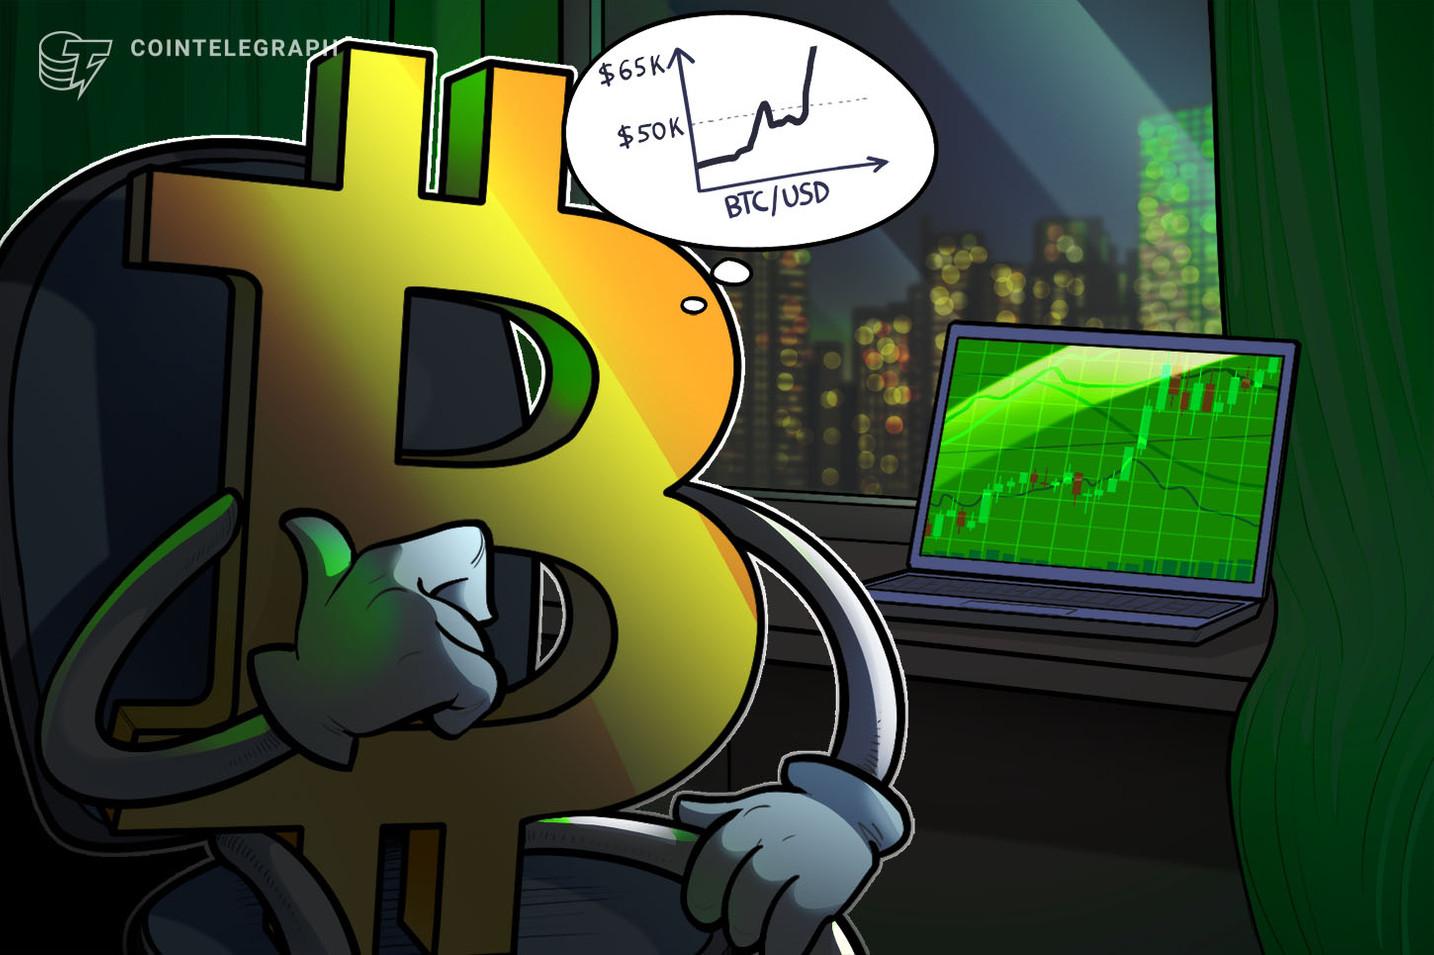 Bu göstergeye göre Bitcoin fiyatı, en az 55 bin dolar olmalı